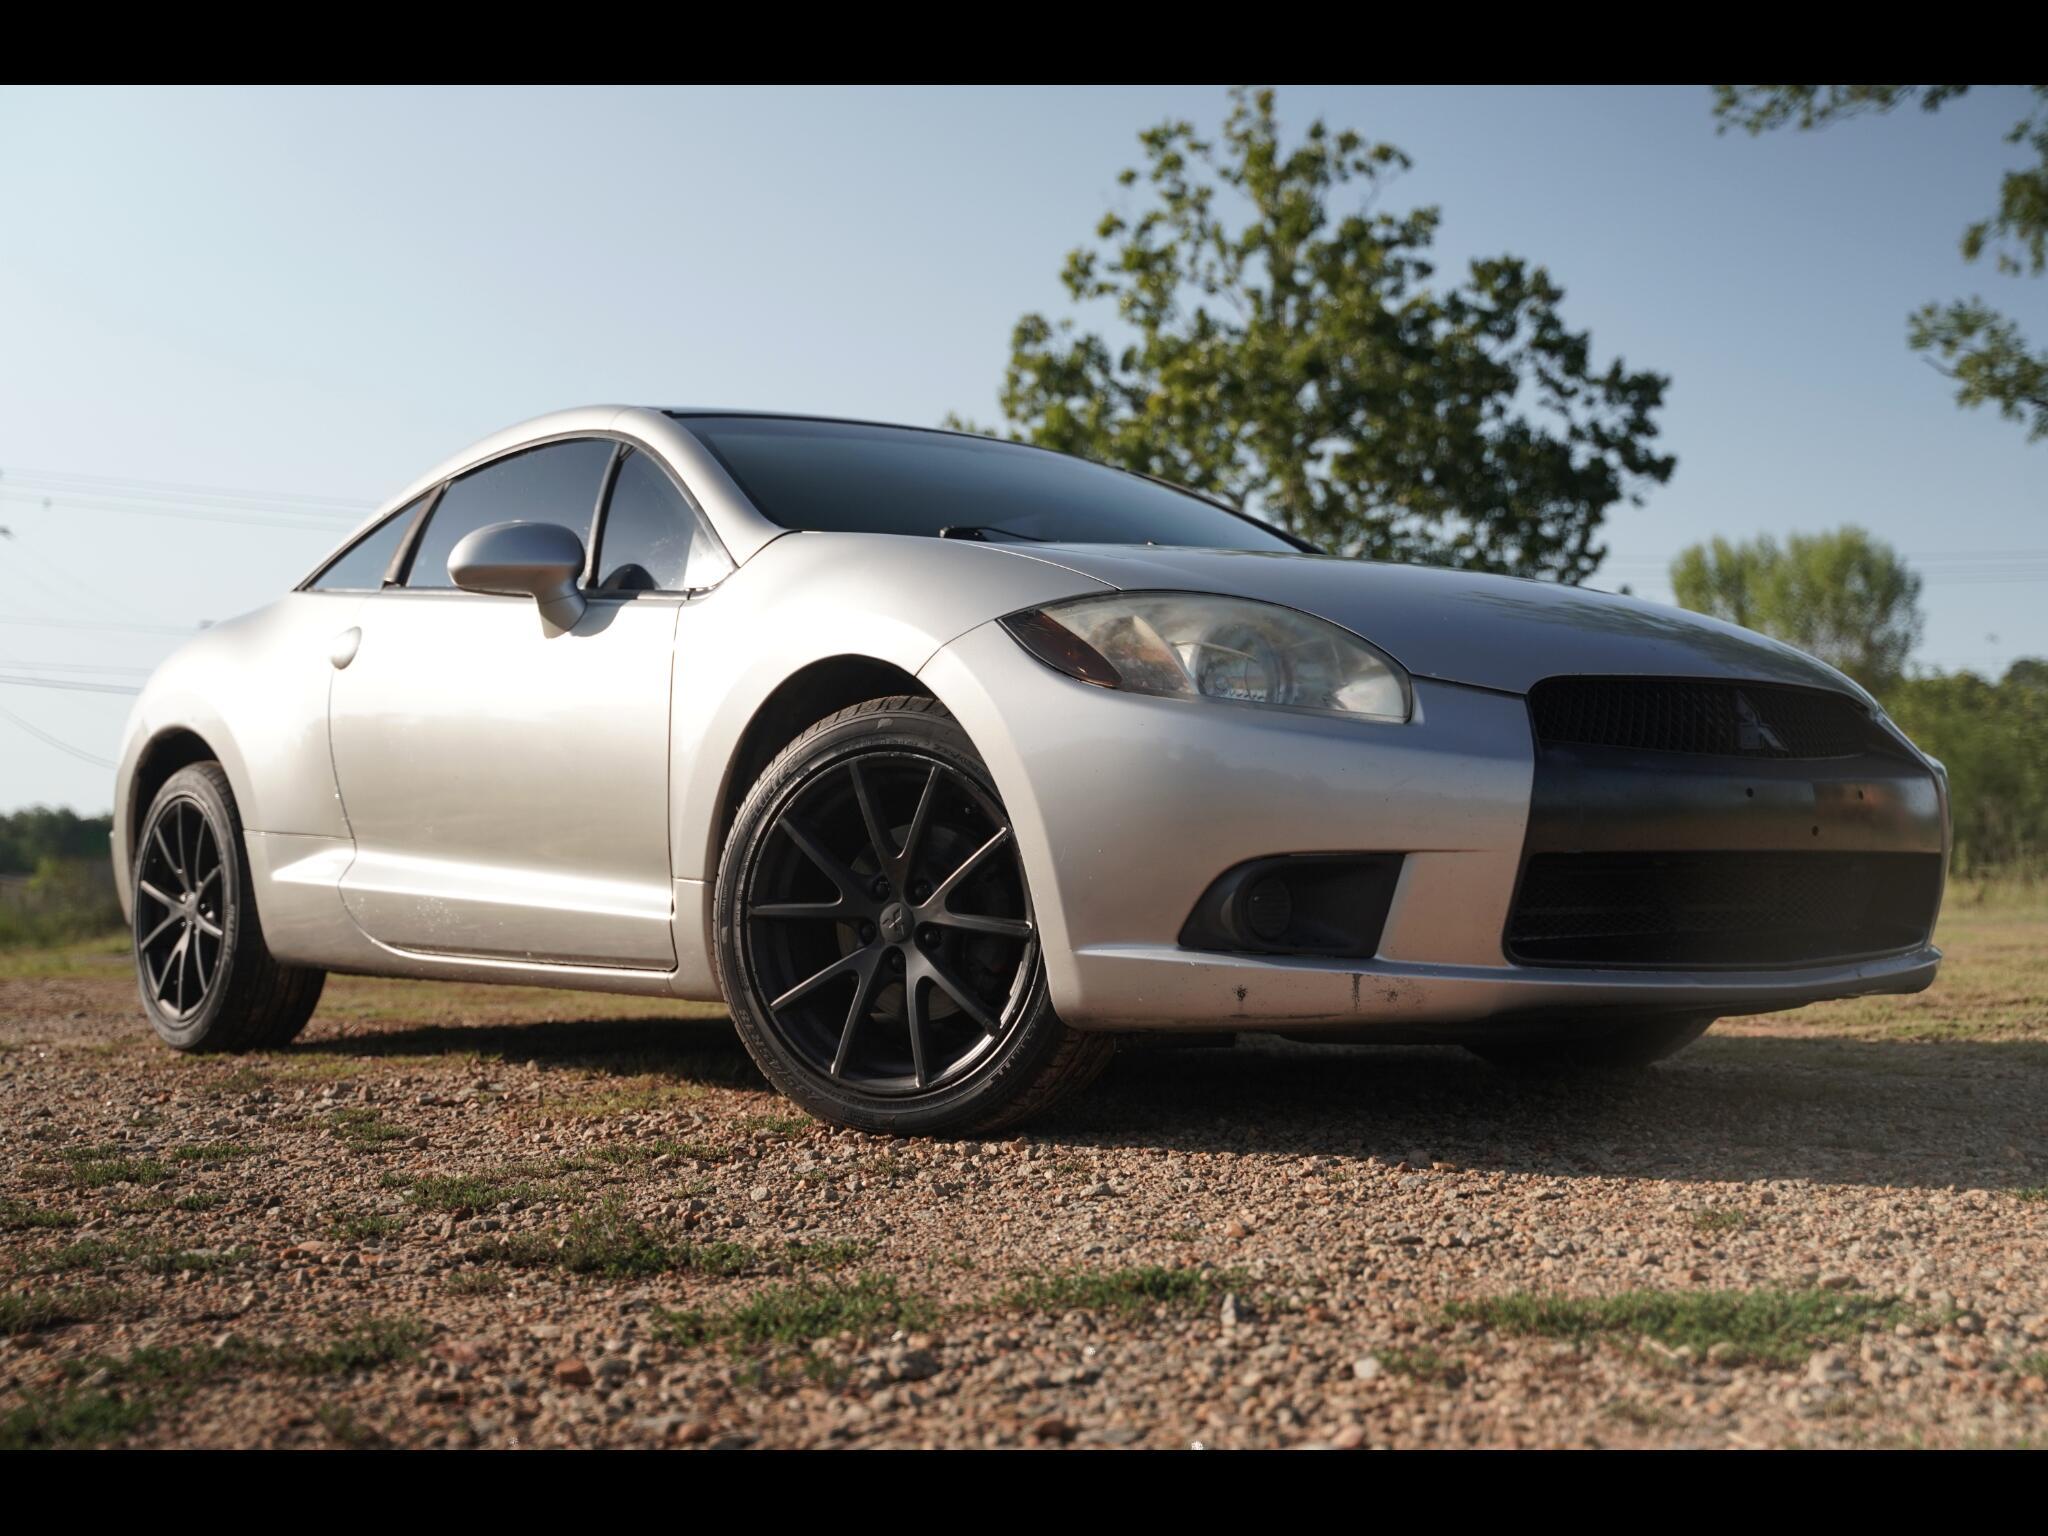 2012 Mitsubishi Eclipse Coupe GS